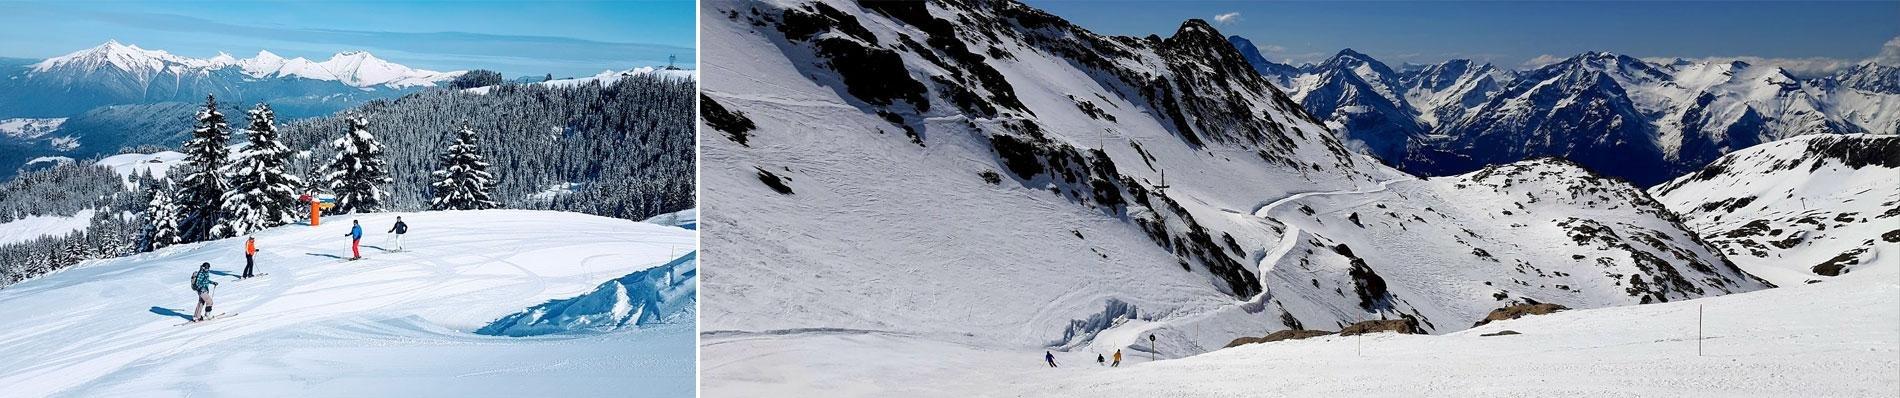 frankrijk wintersport franse alpen sneeuw skivakantie